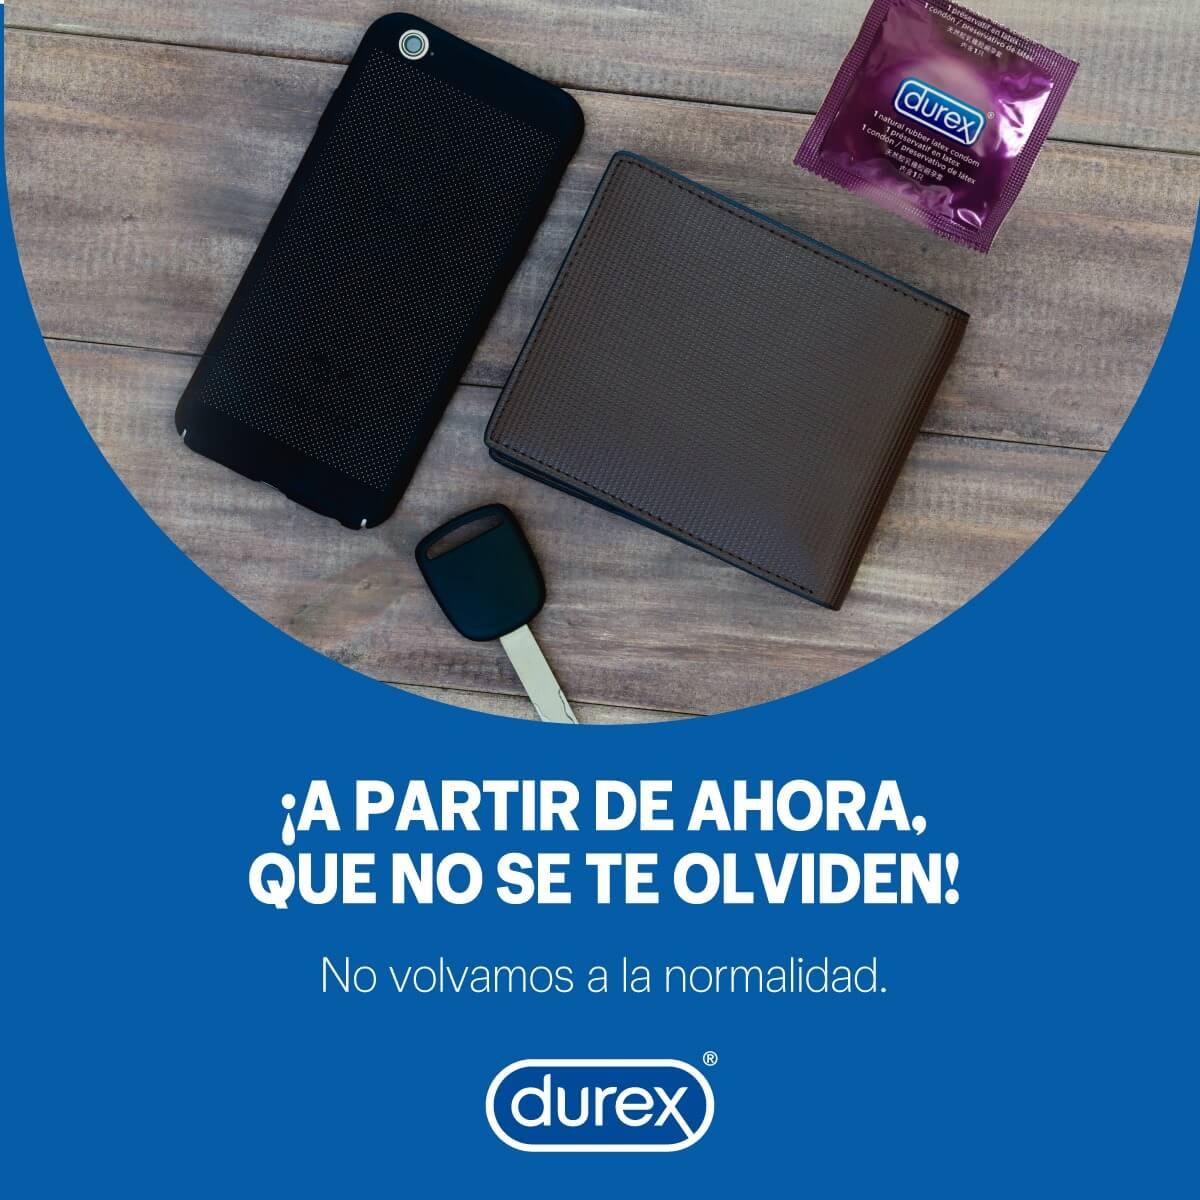 durex.es-gallery